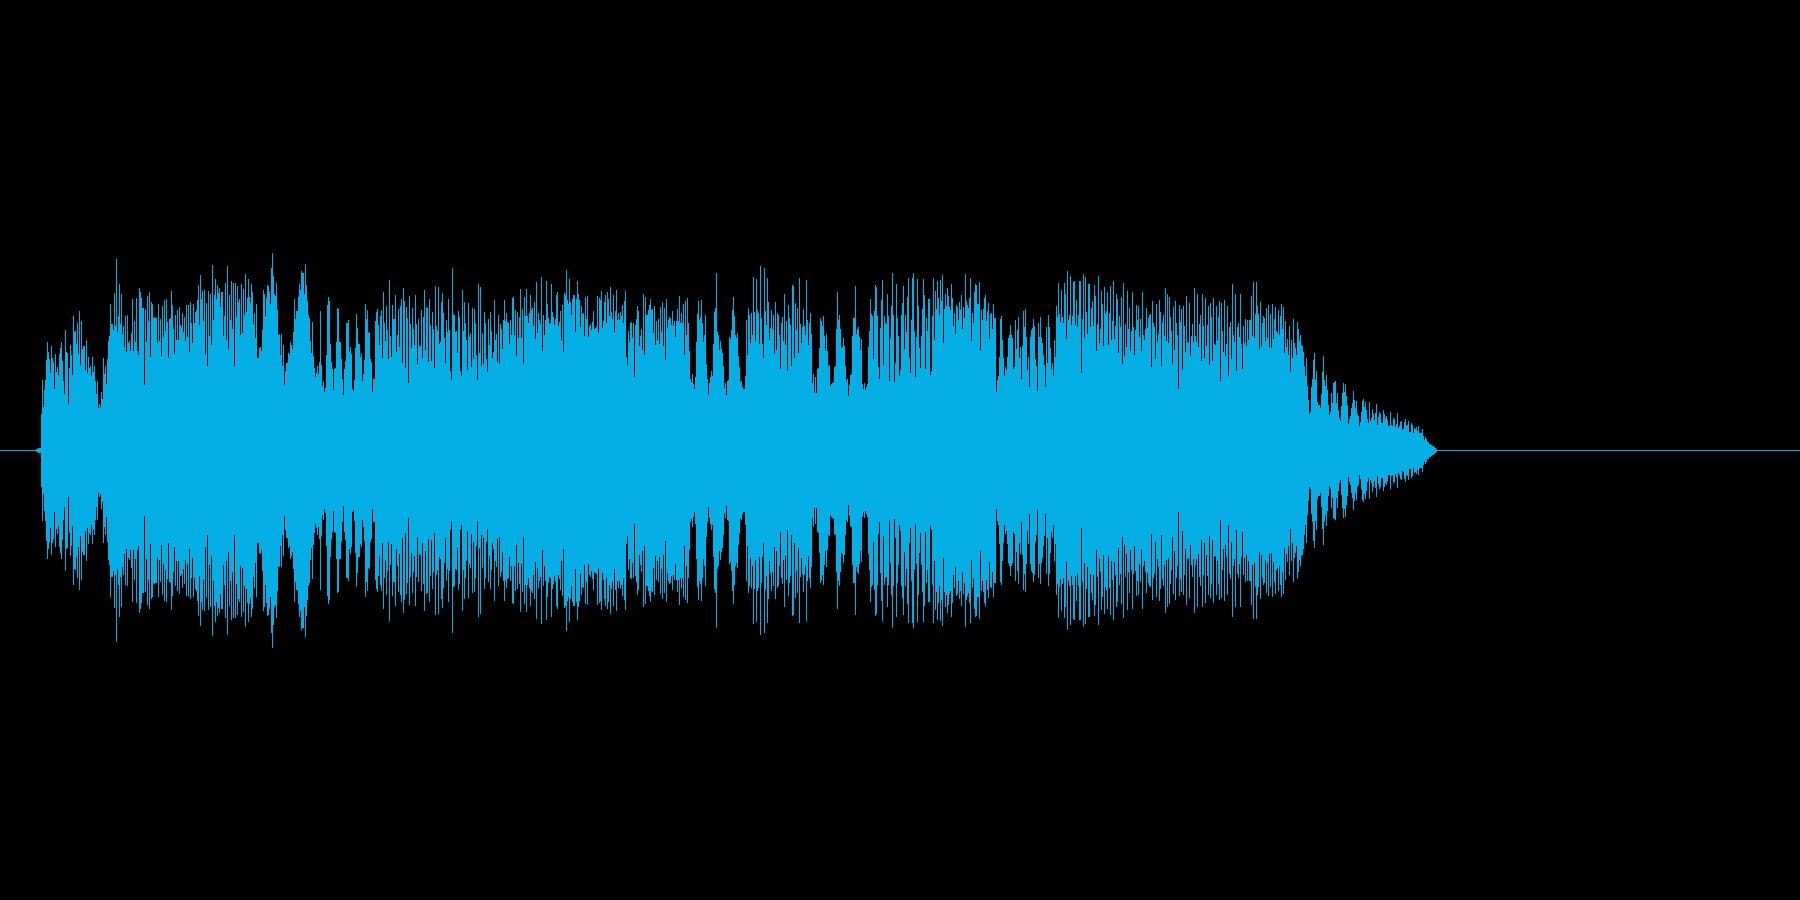 コンピューターのような効果音_その5の再生済みの波形